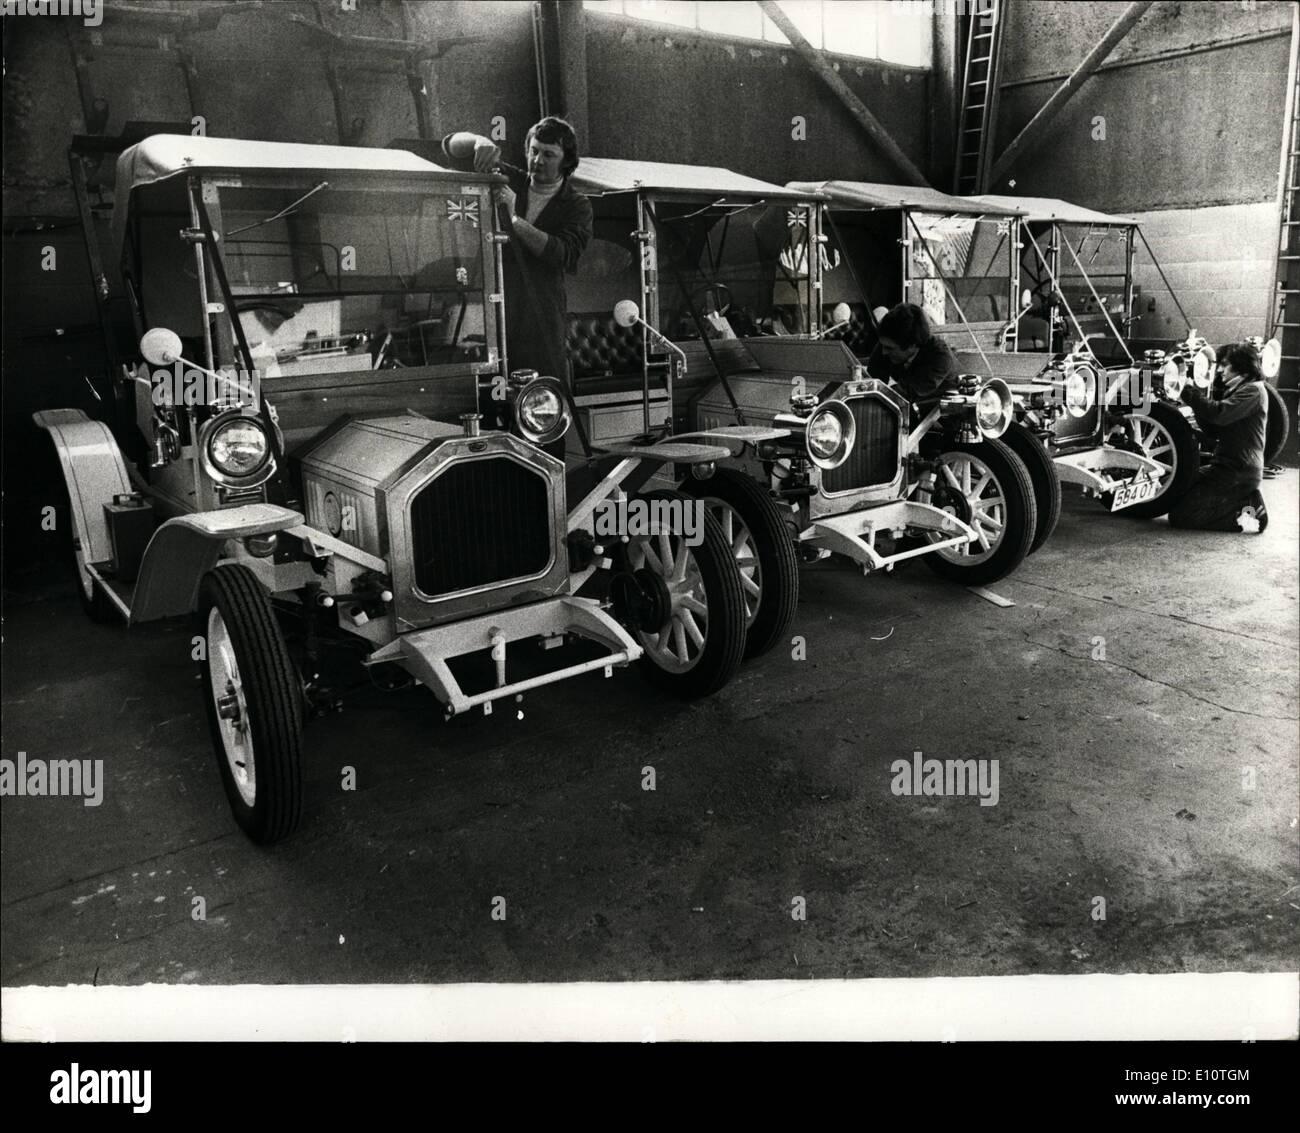 Albany Motor Cars